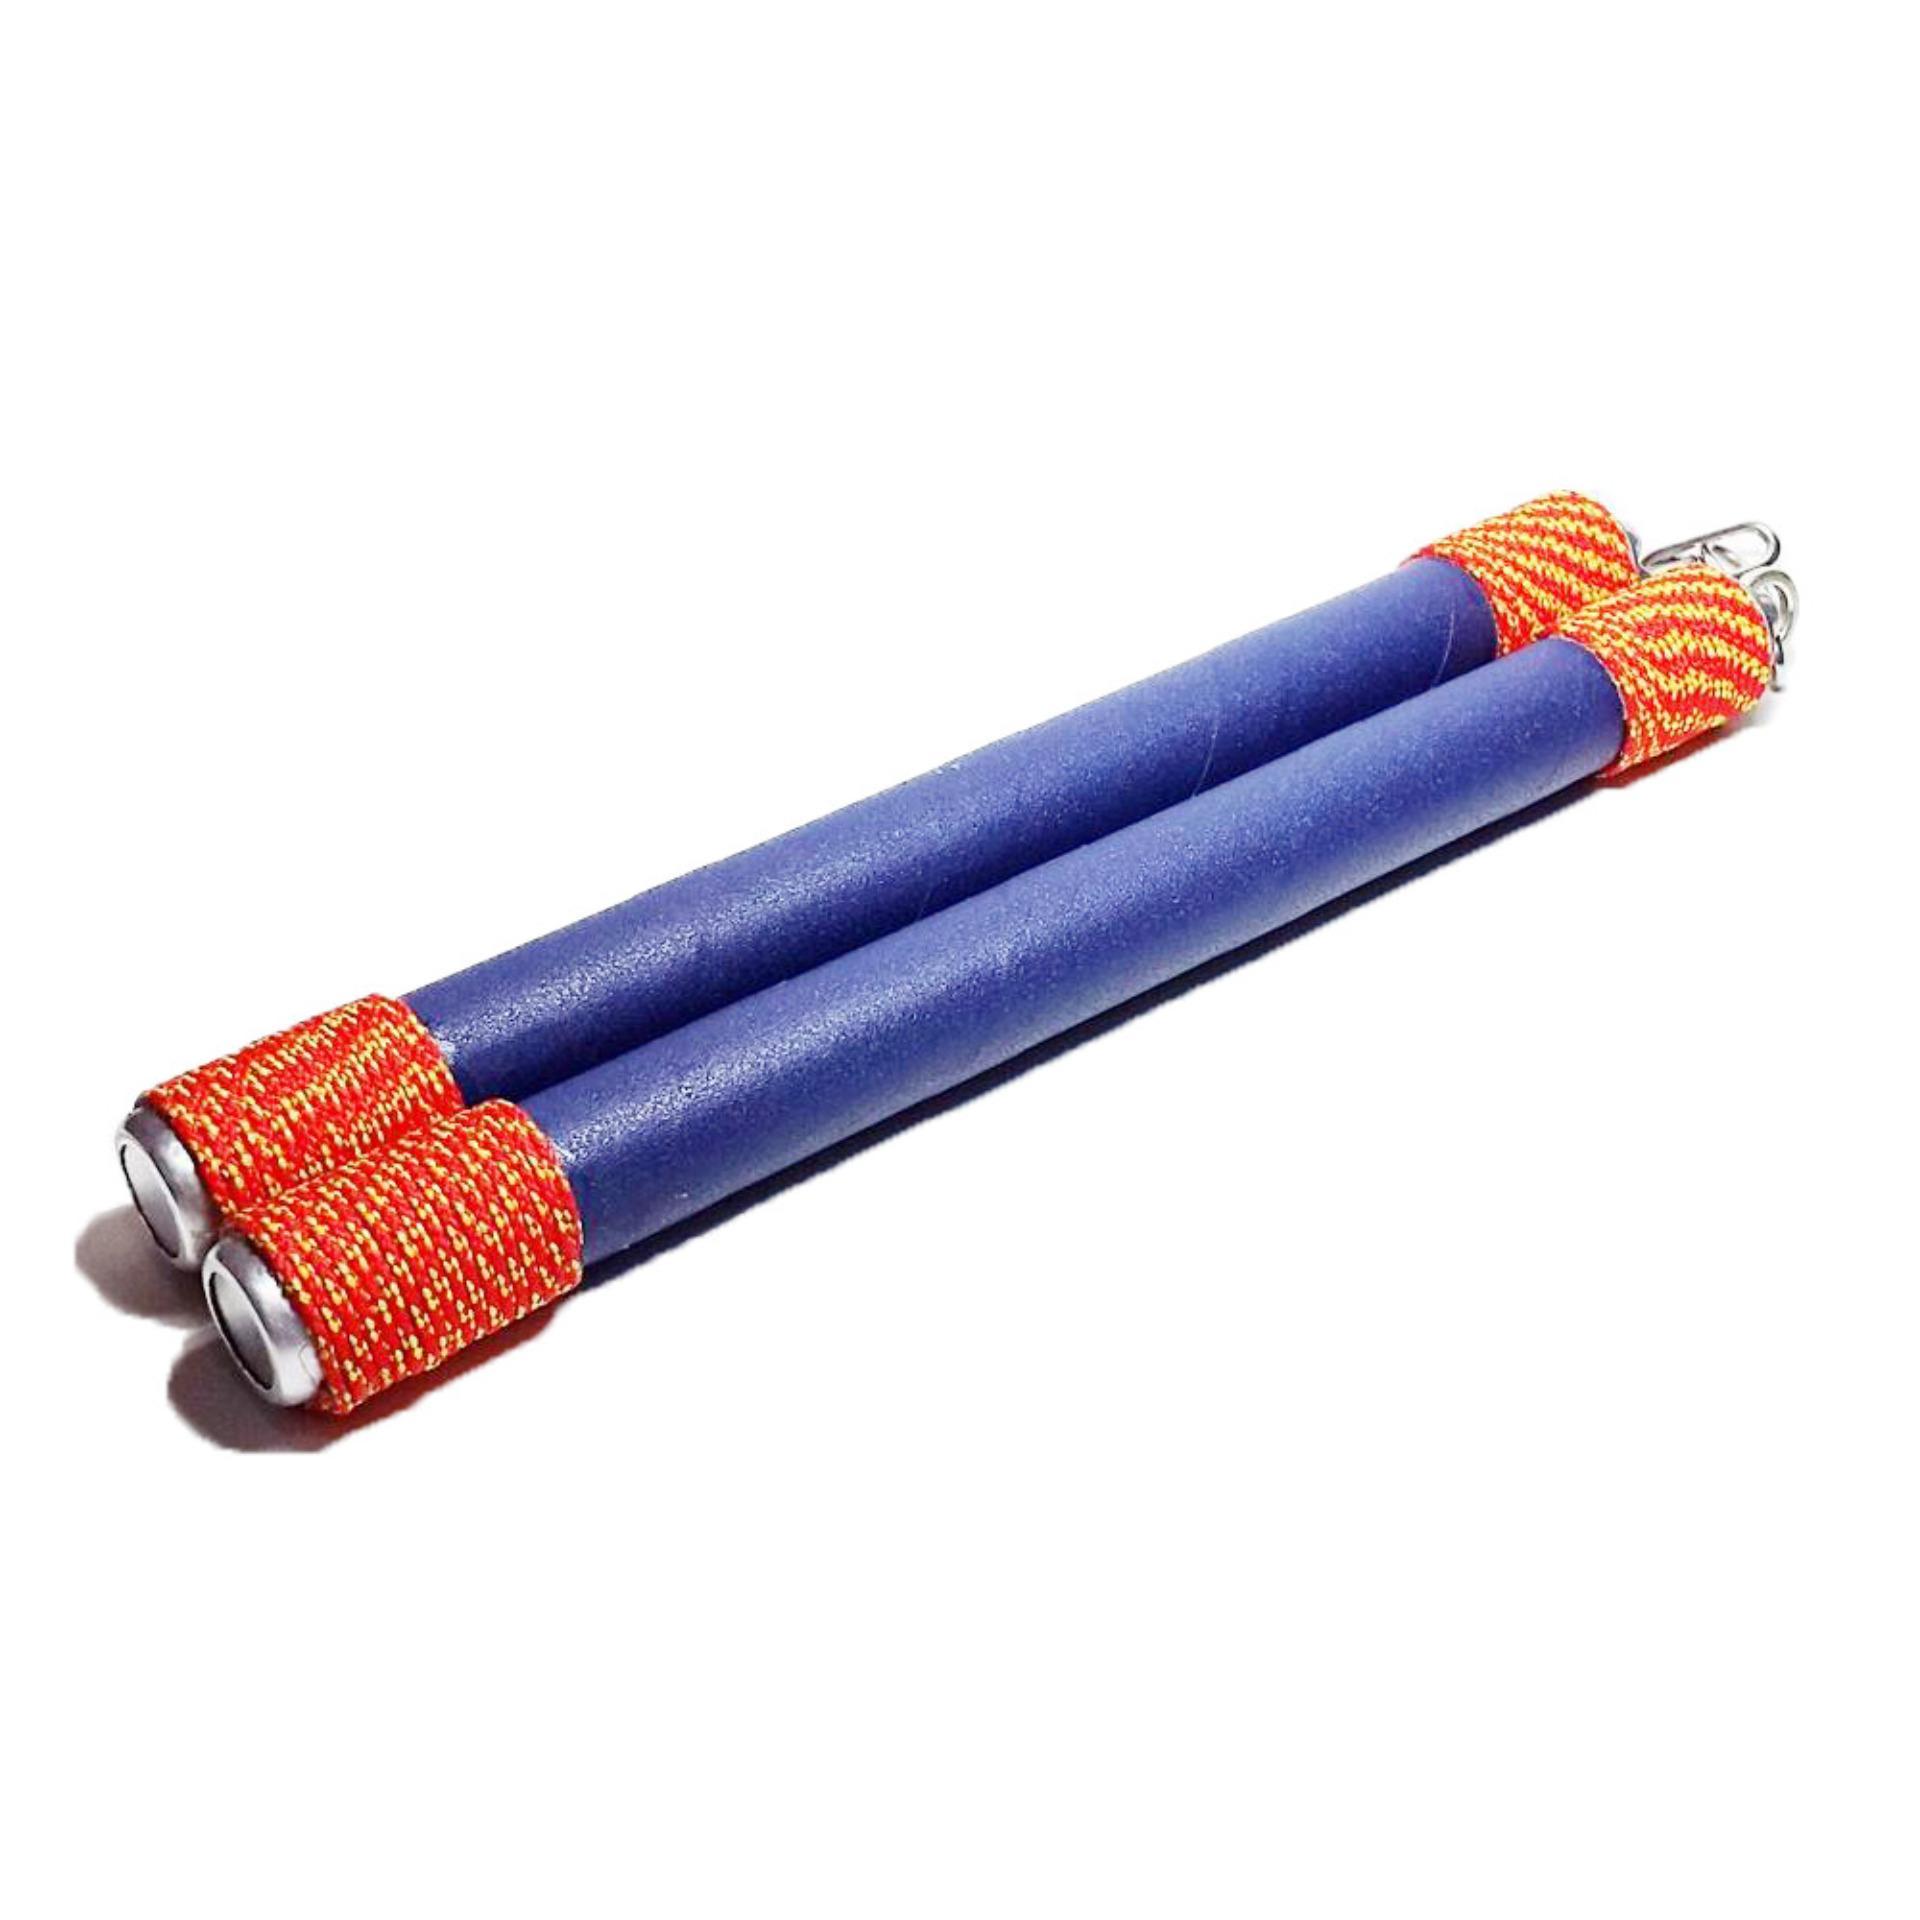 Double Stick Alumunium - Biru